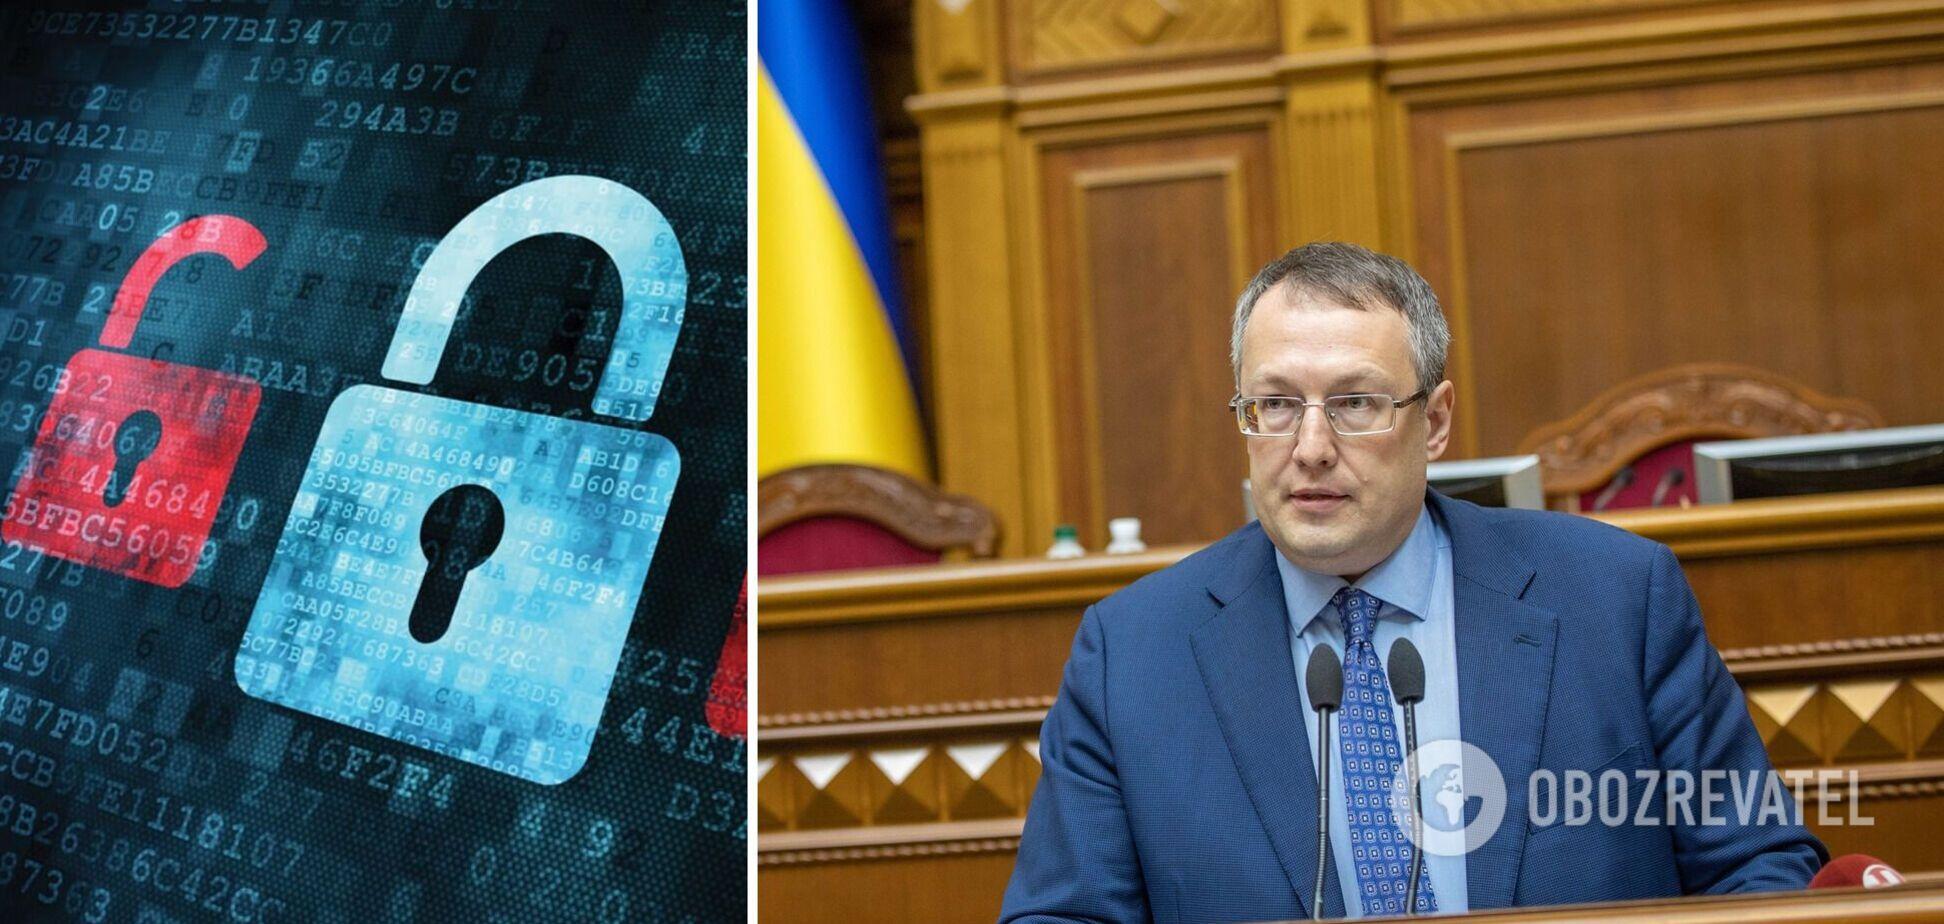 Геращенко назвав ім'я людини, через яку в Україні заборонили сотні інтернет-ЗМІ